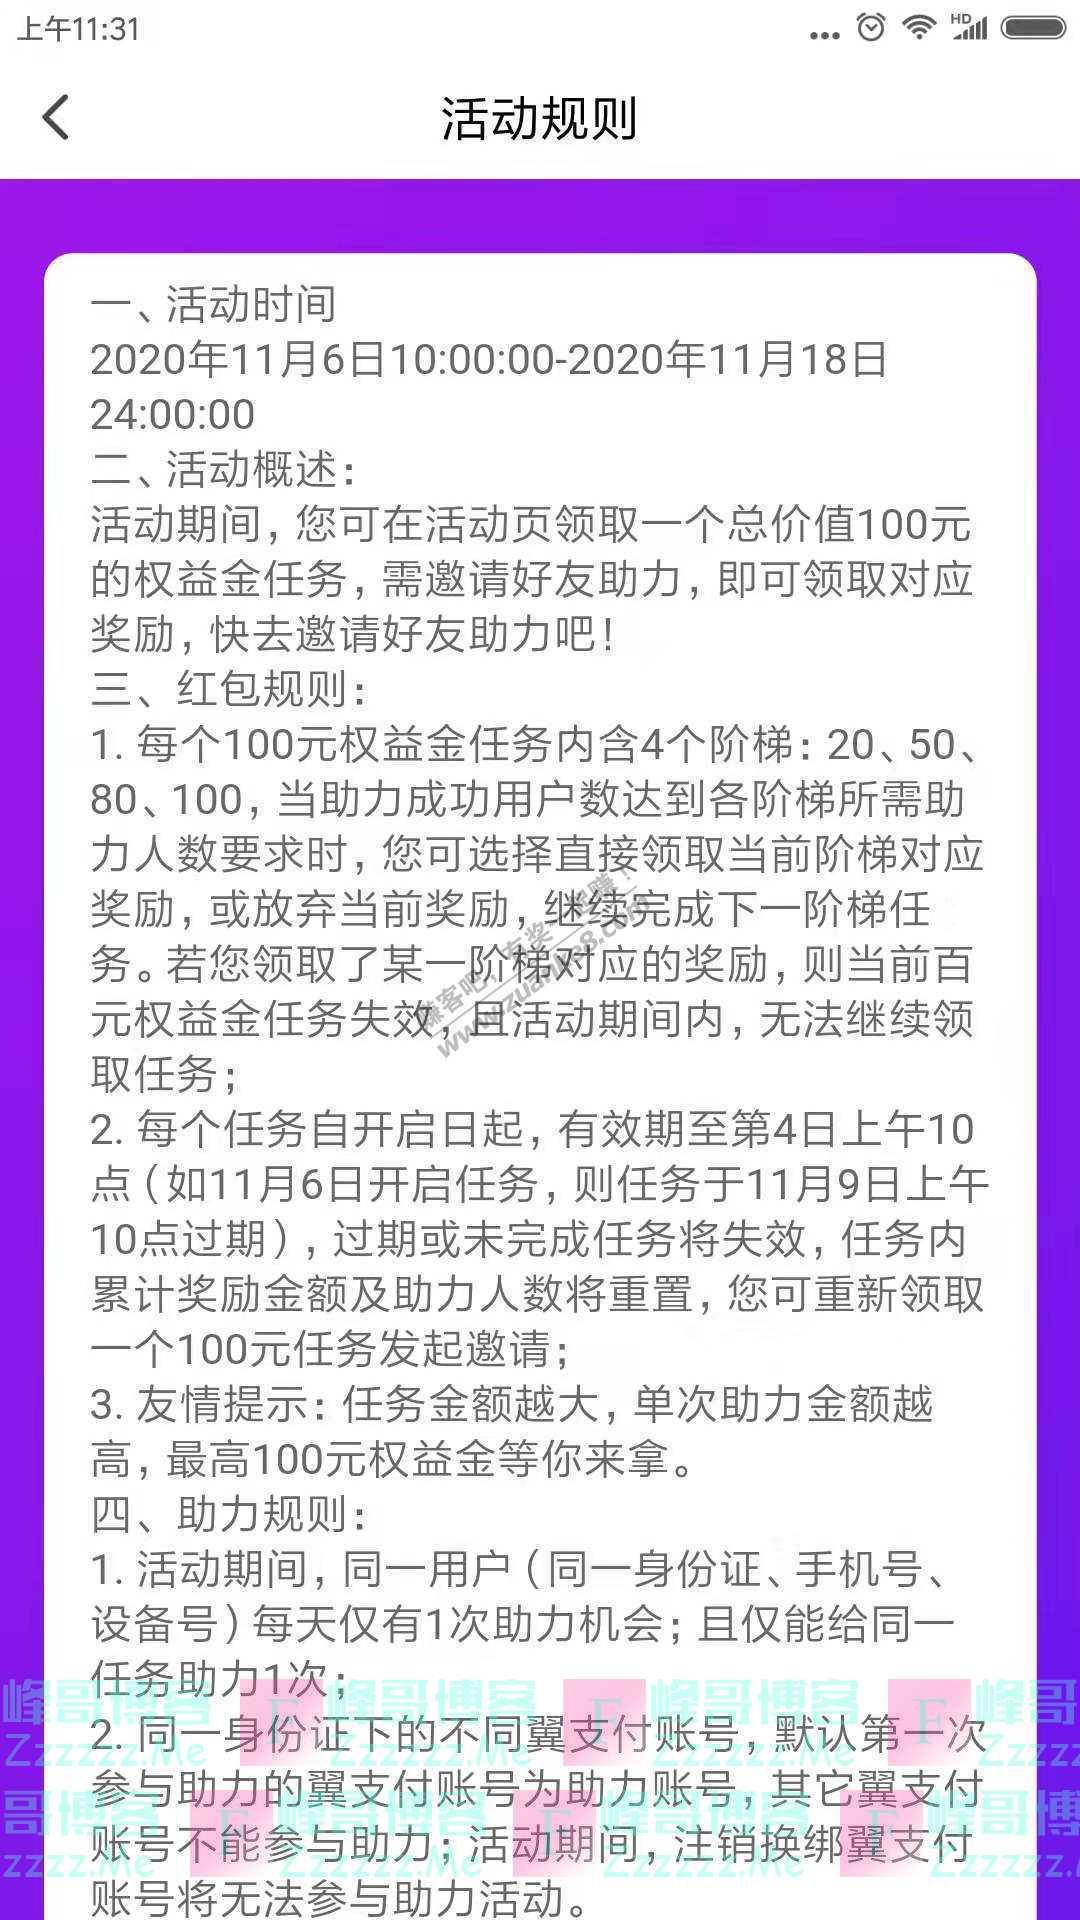 翼支付app抢100元权益金(截止11月18日)